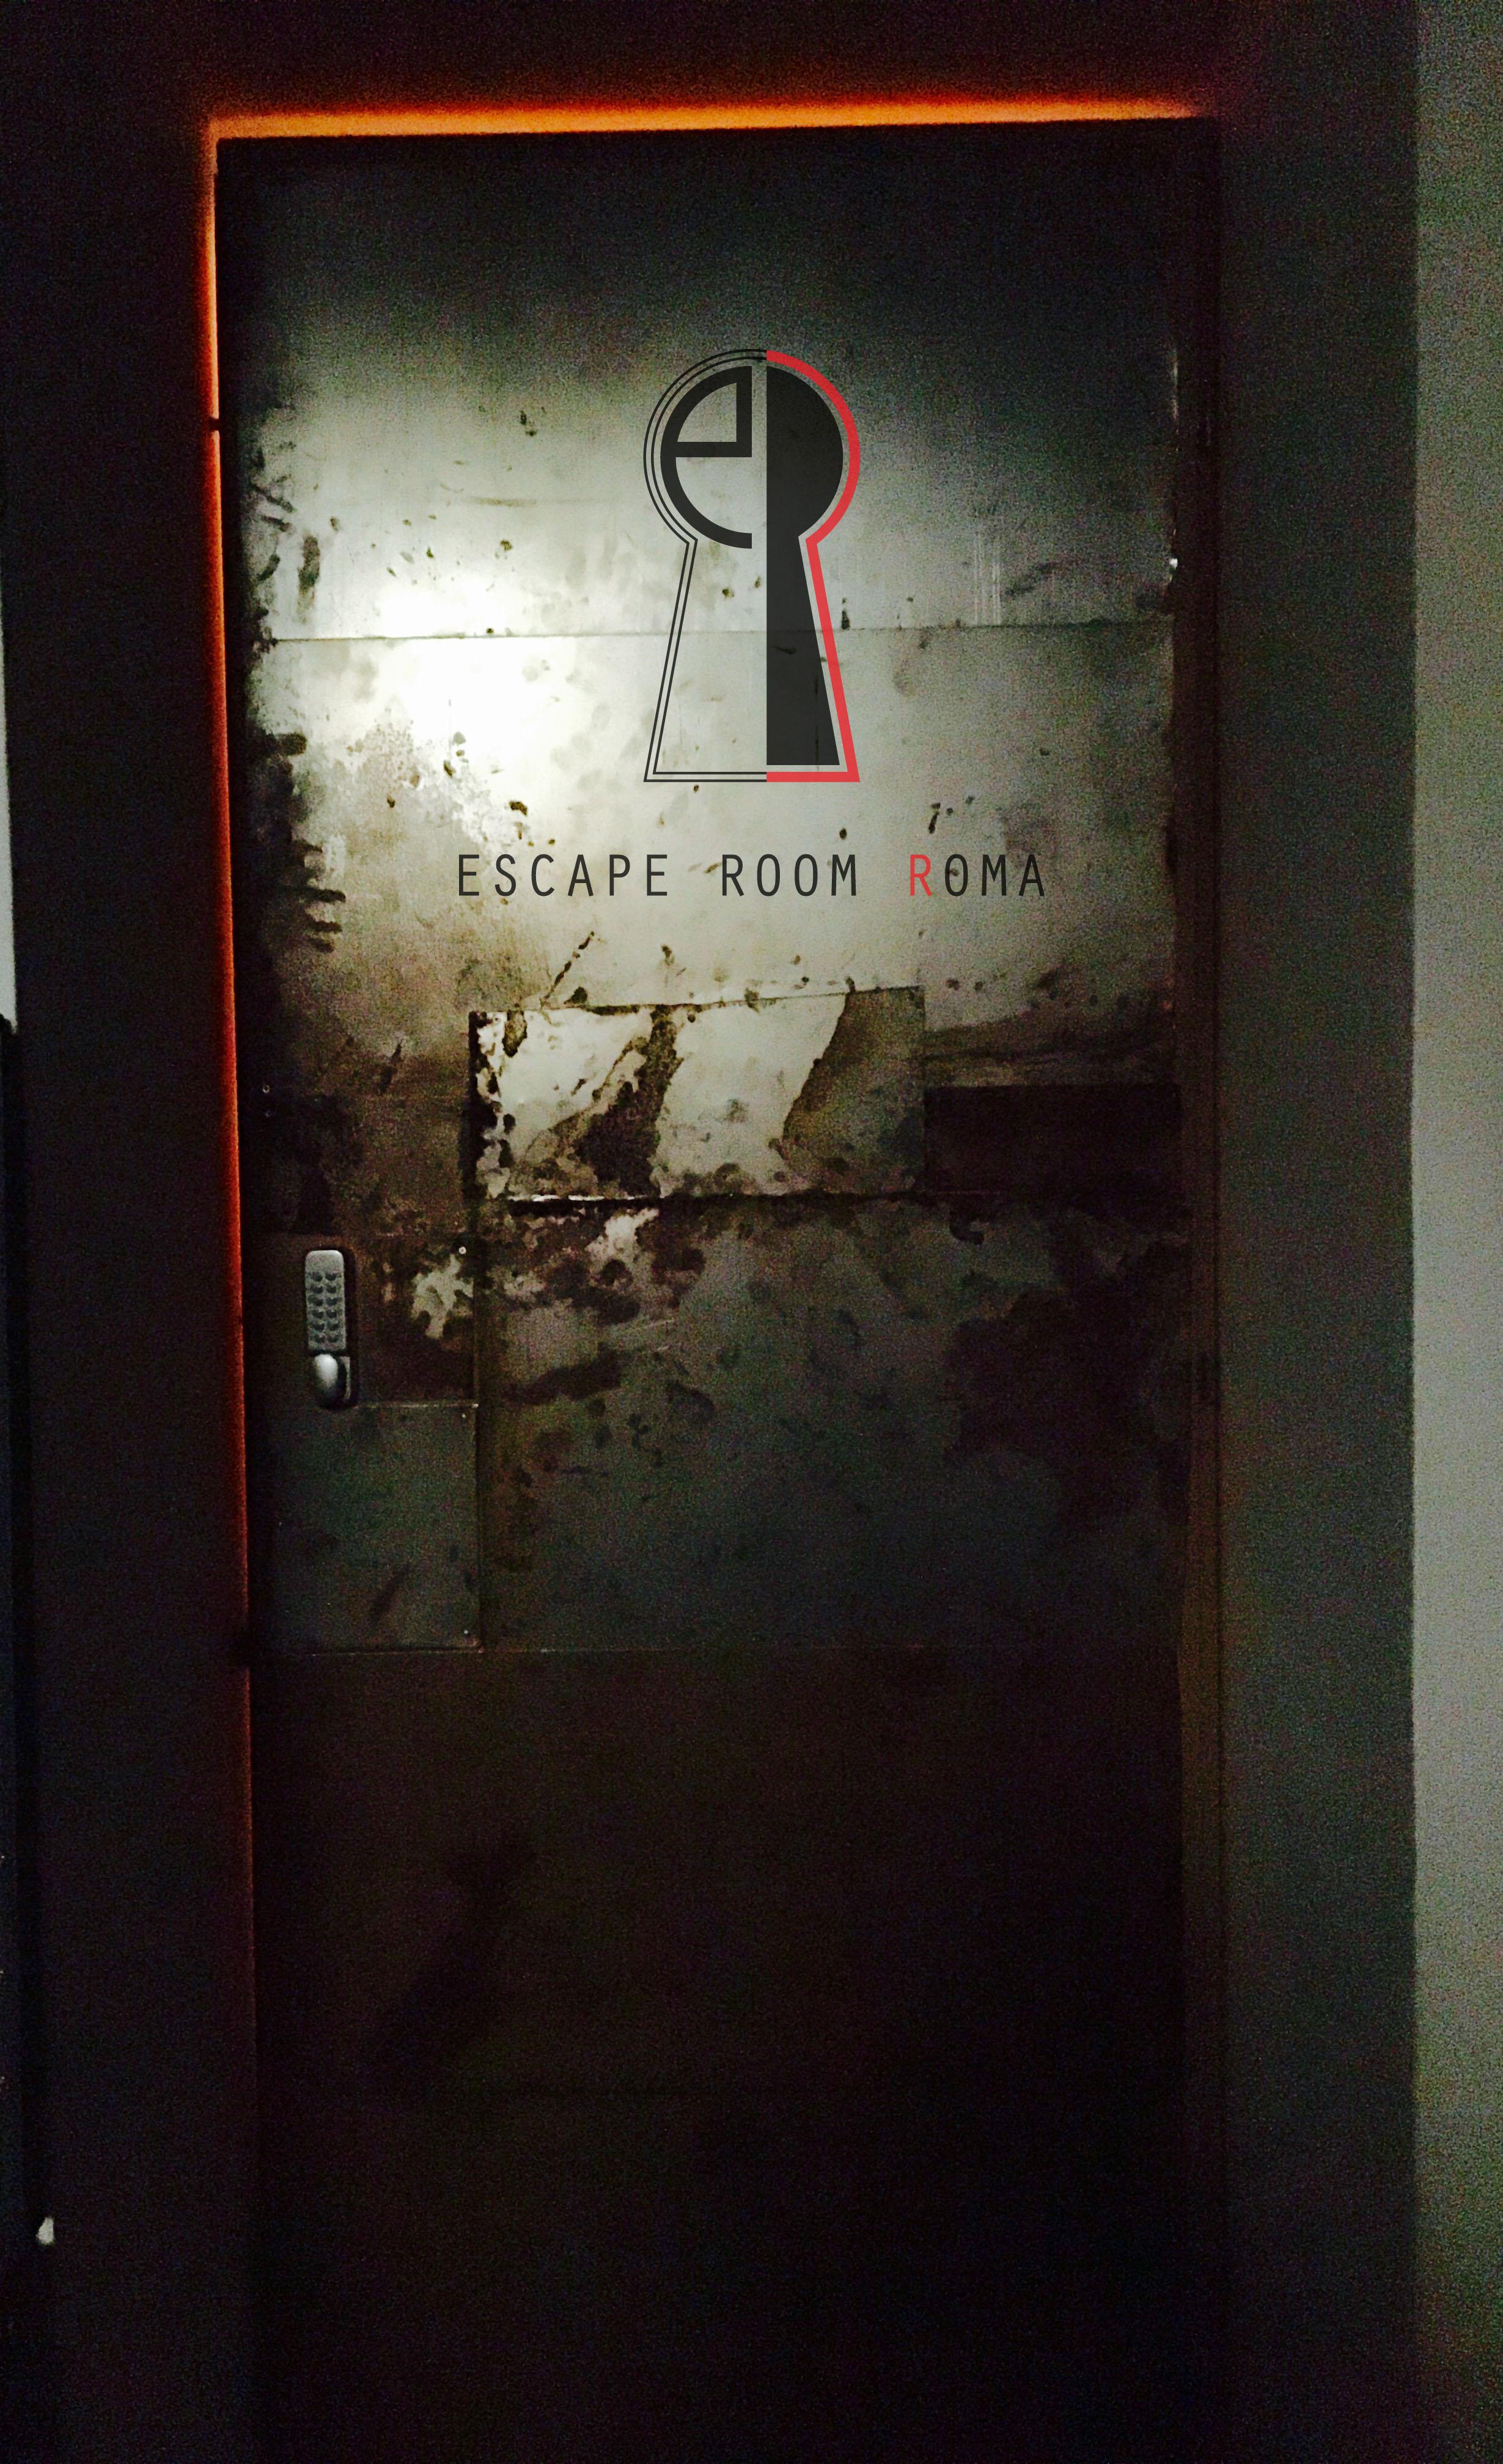 Escape room roma l 39 originale escape game dal vivo for Escape room escape